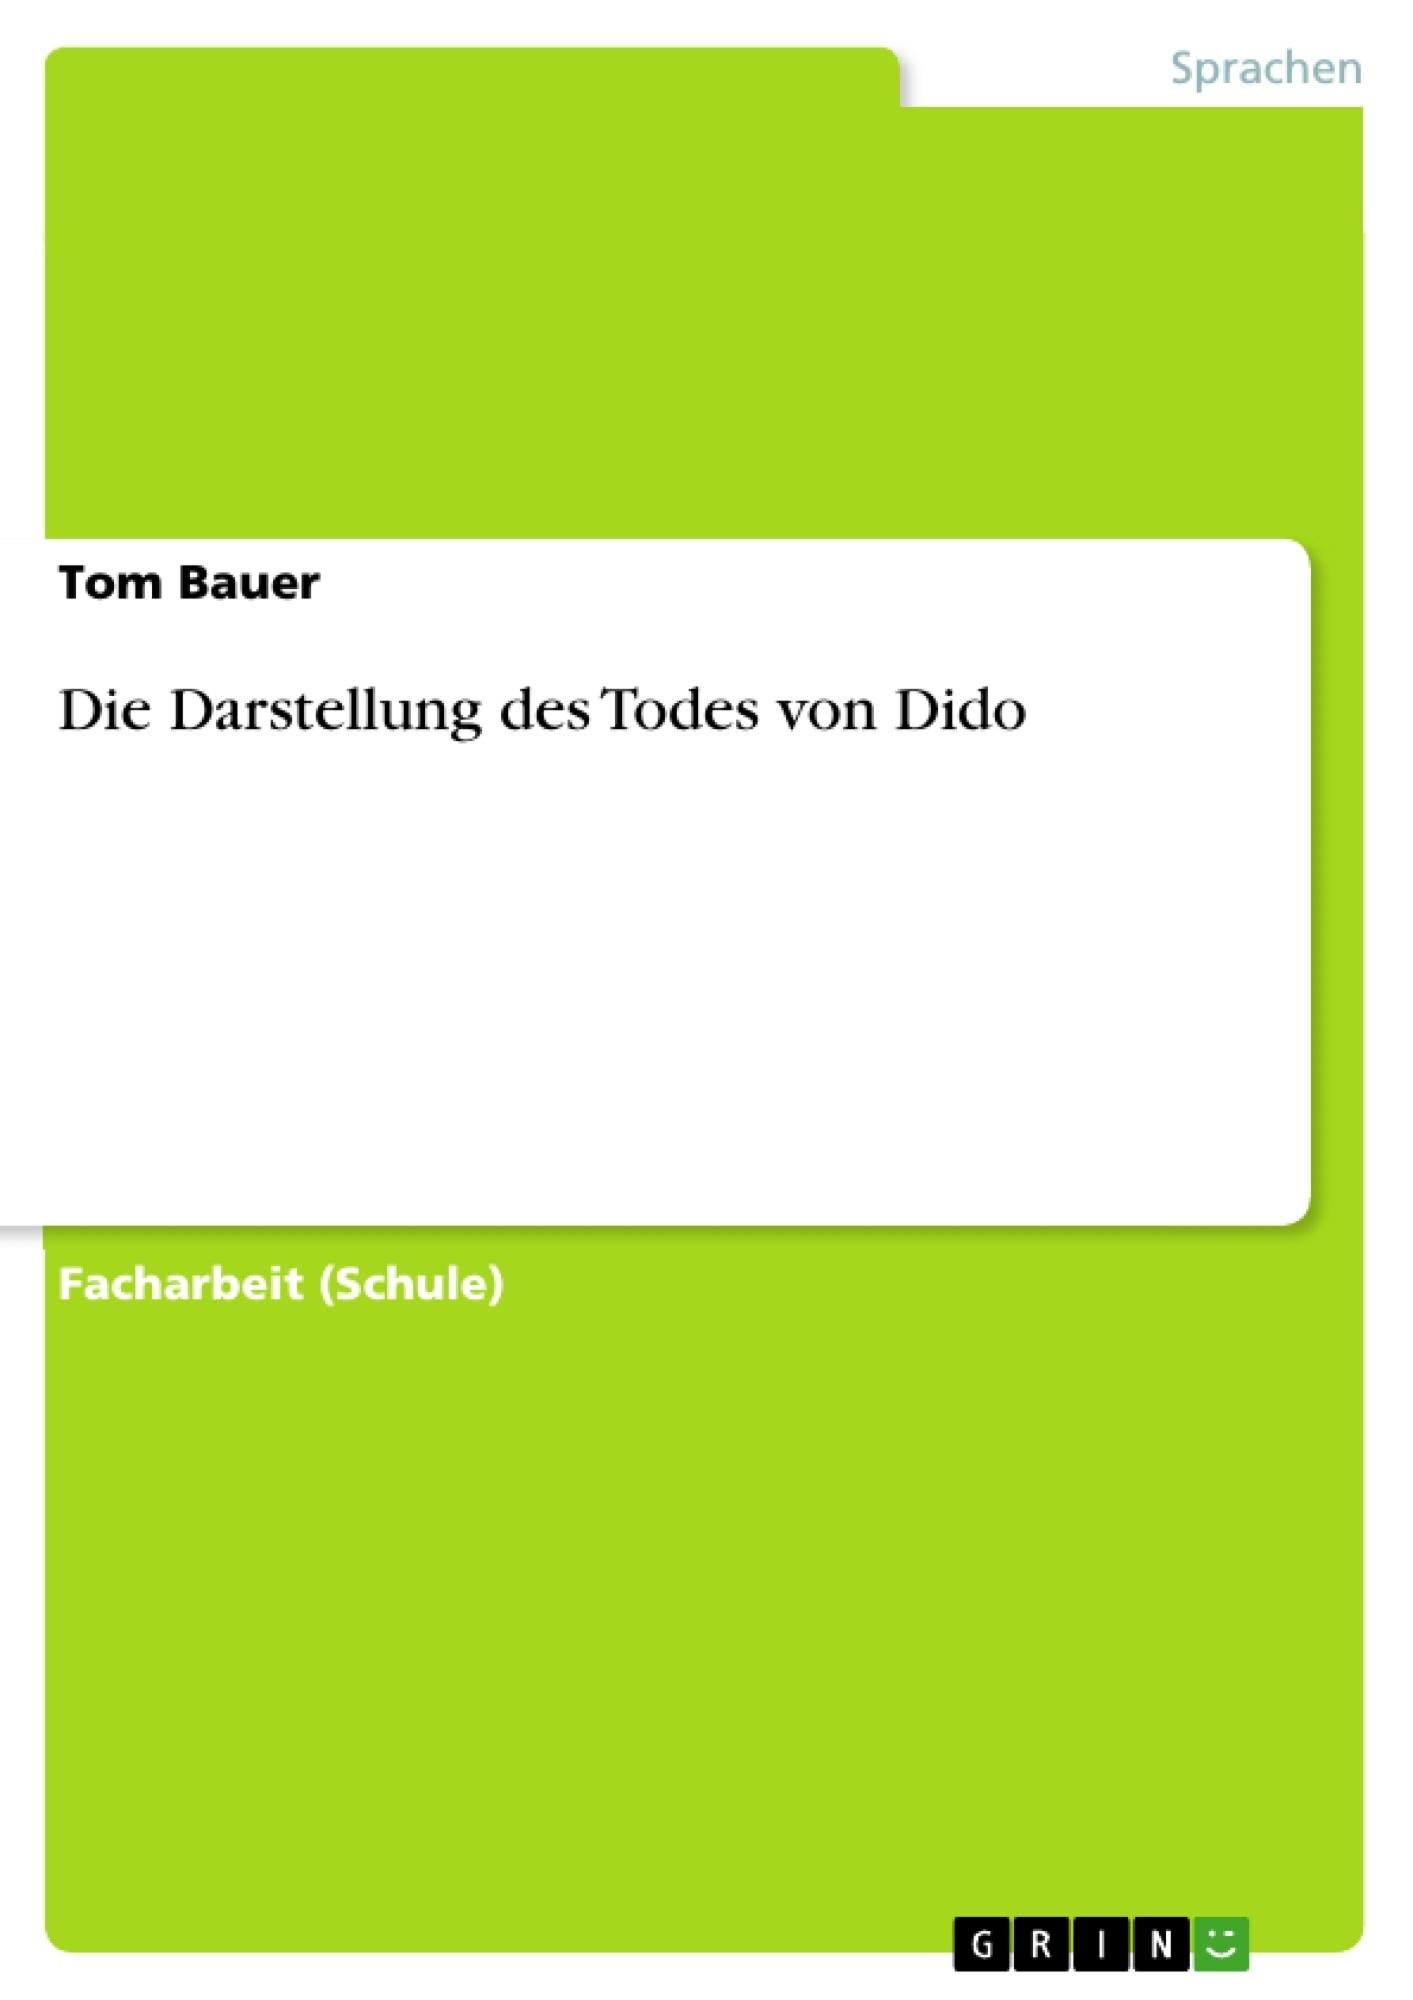 Titel: Die Darstellung des Todes von Dido